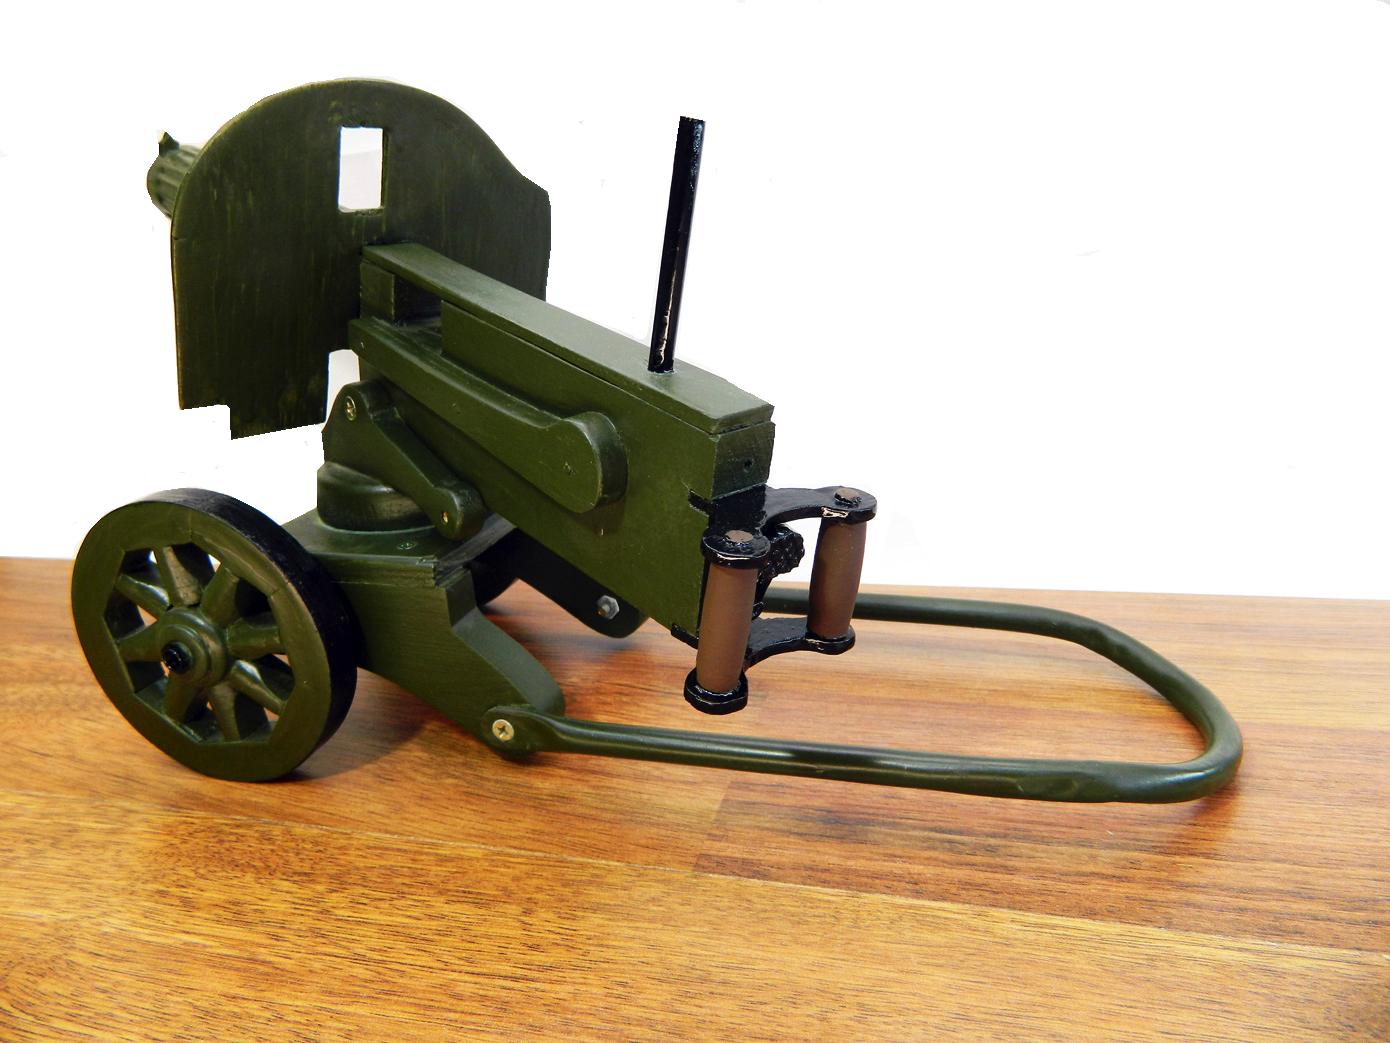 Пулемет Максим дерево изображение 1